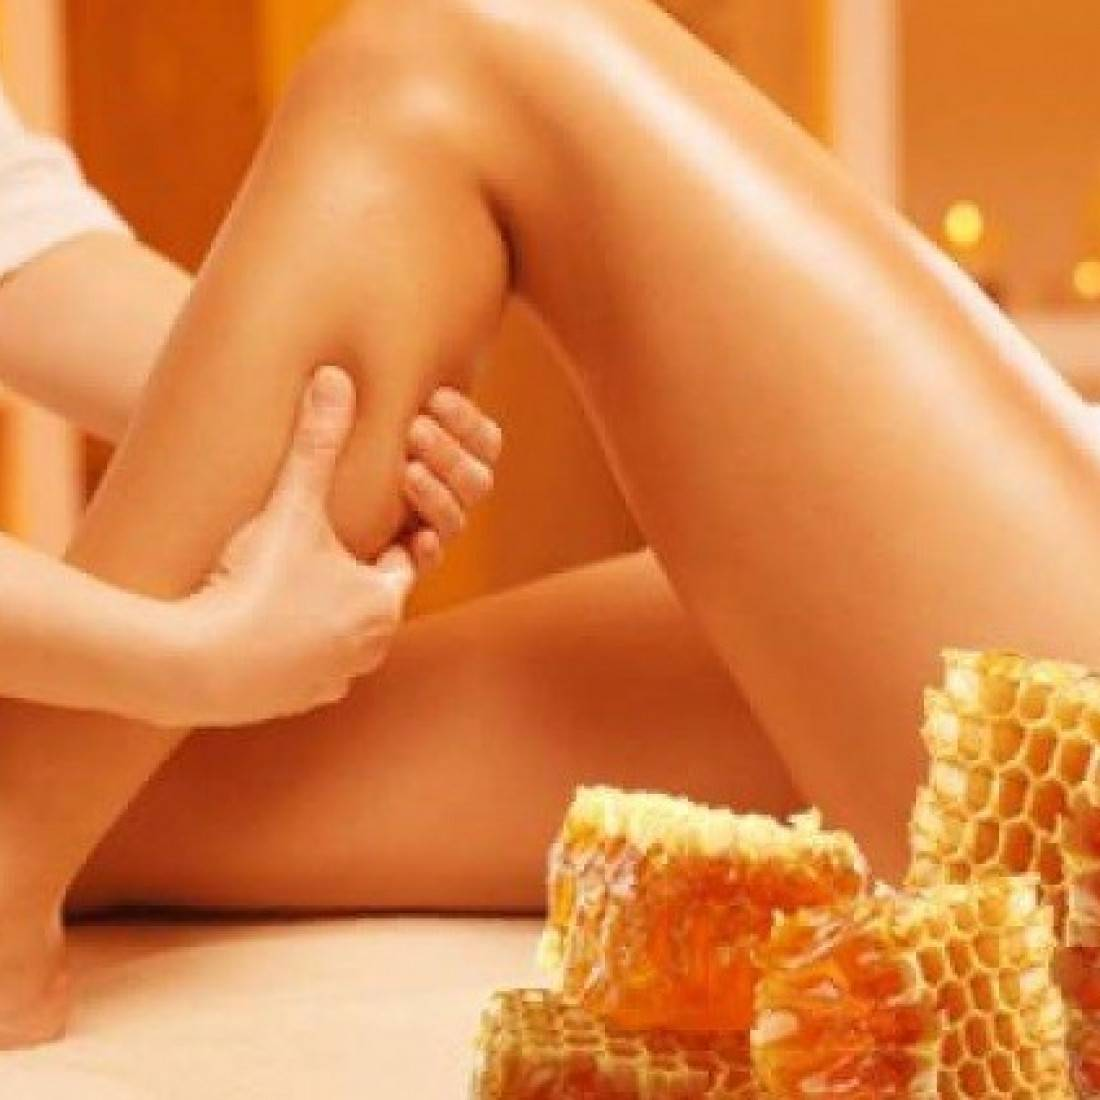 Есть ли эффект от антицеллюлитного массажа